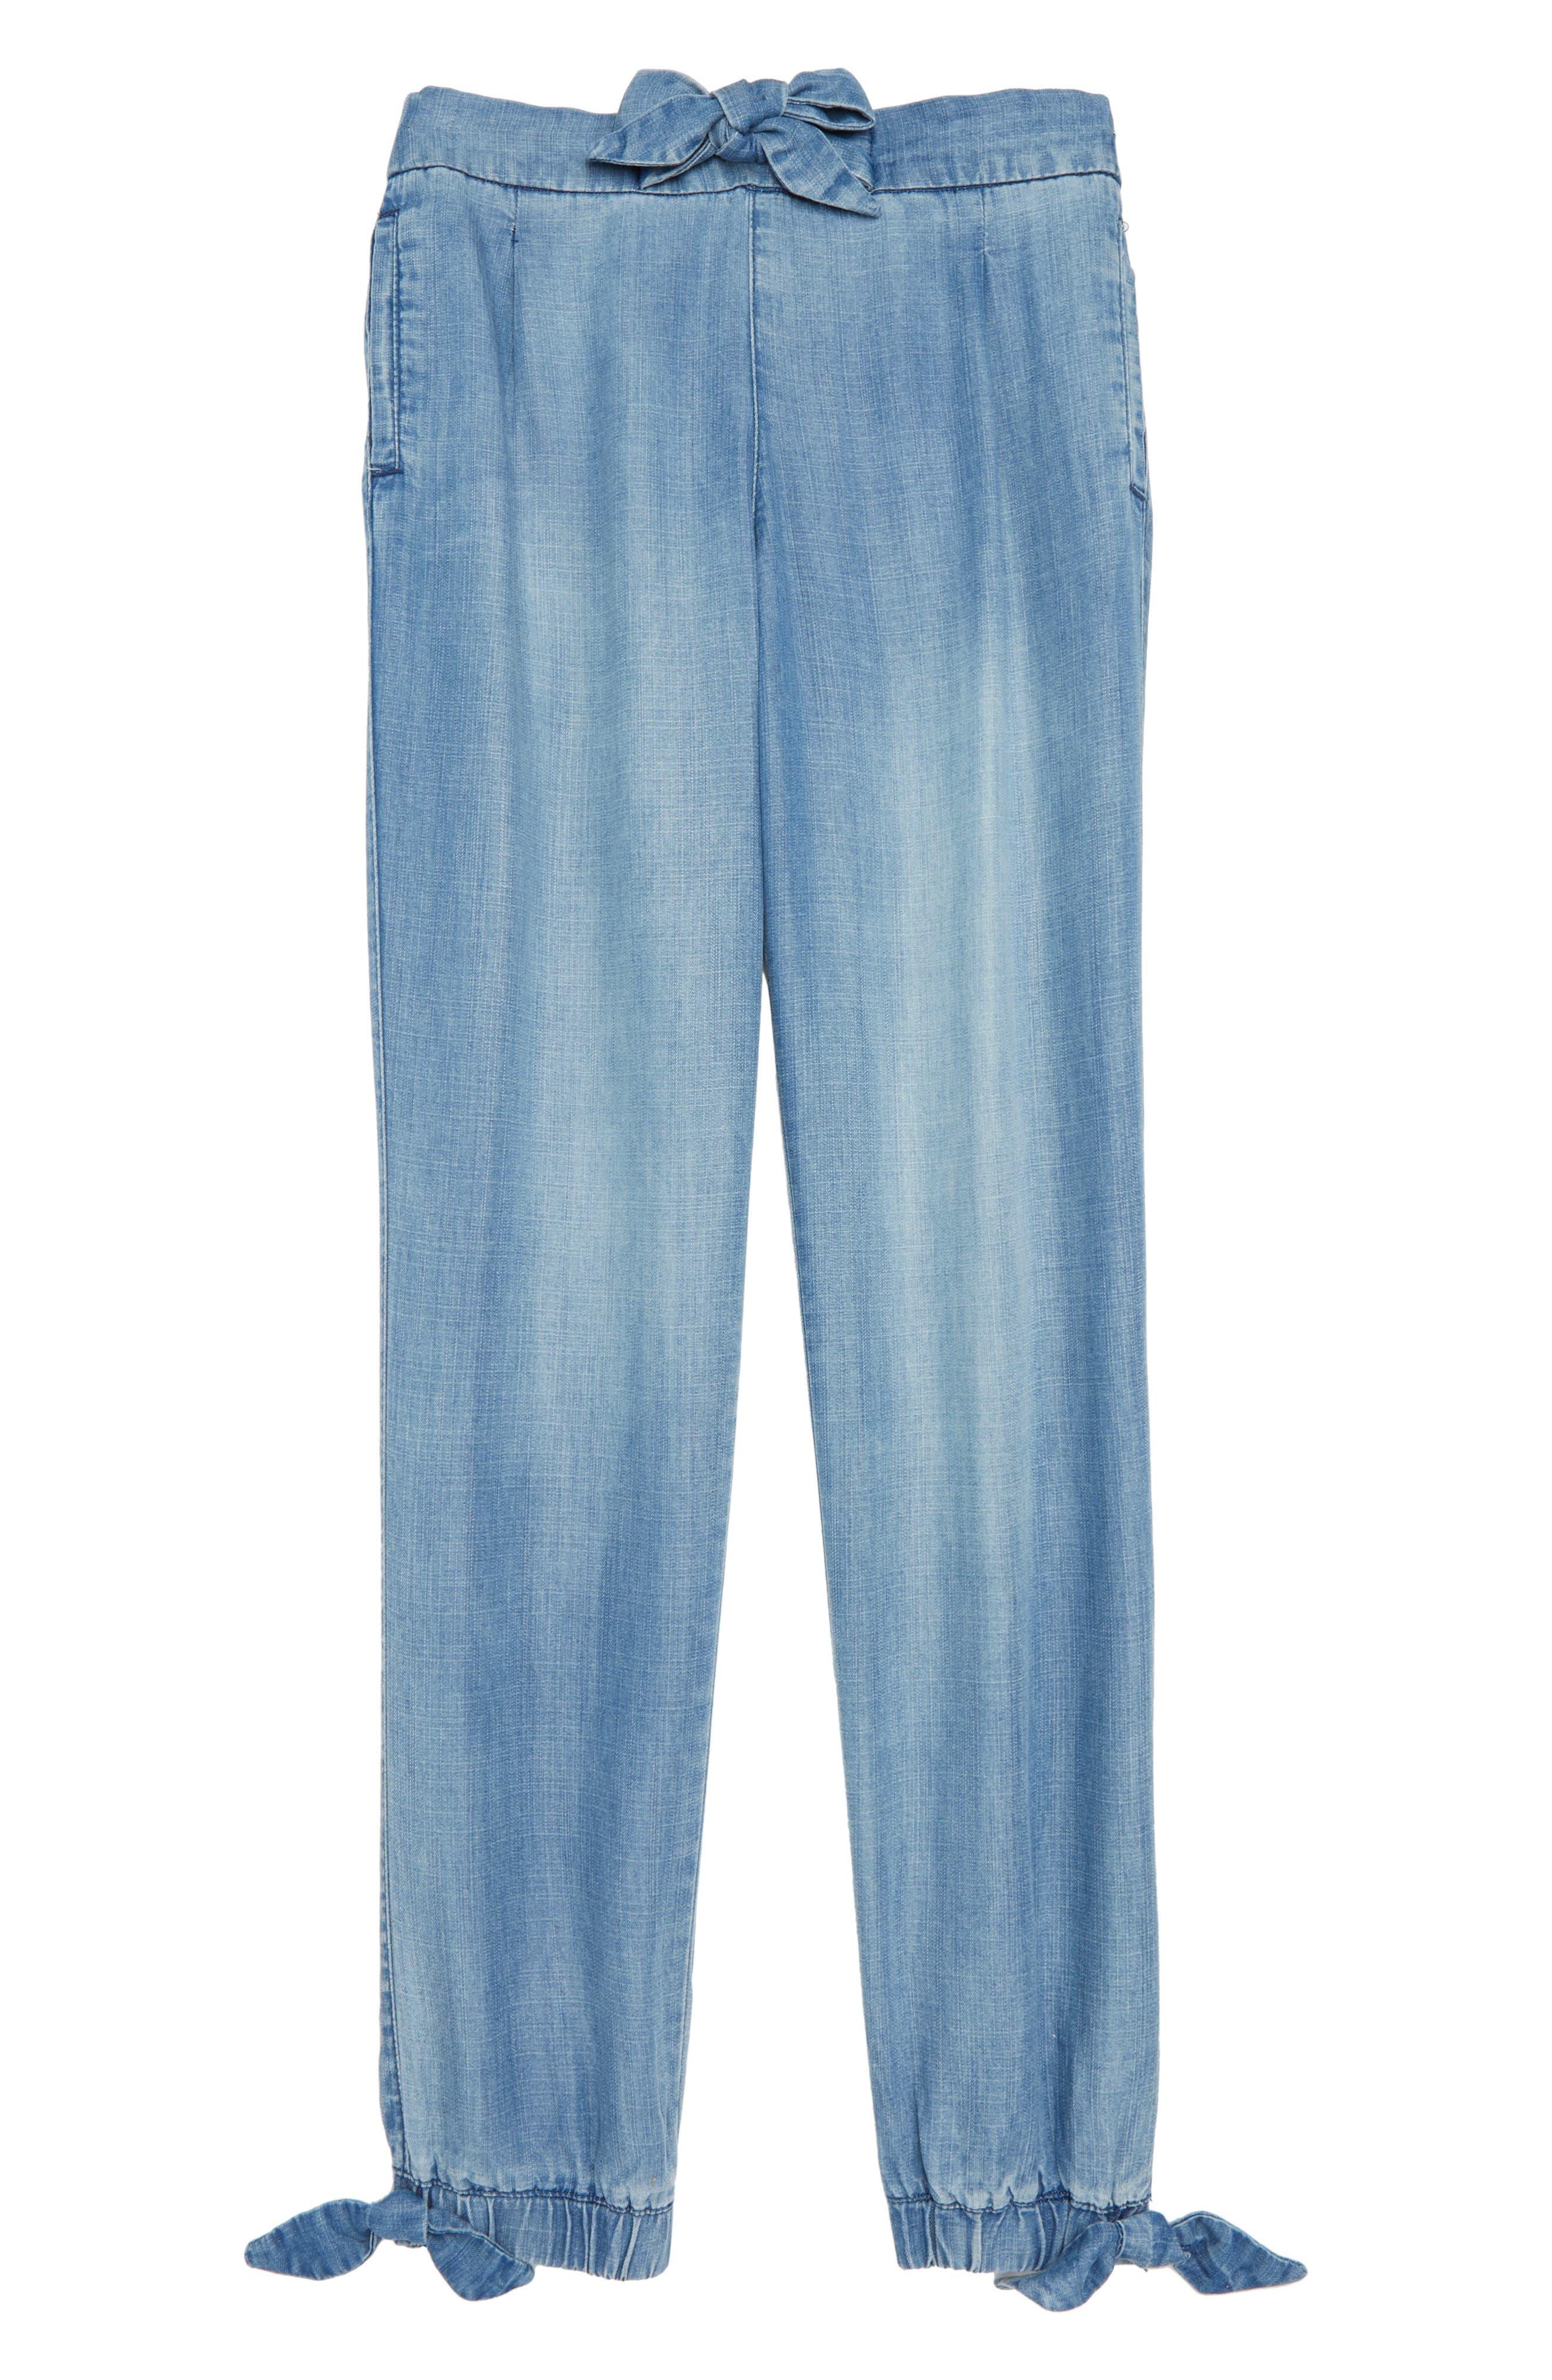 Chambray Jogger Pants,                         Main,                         color,